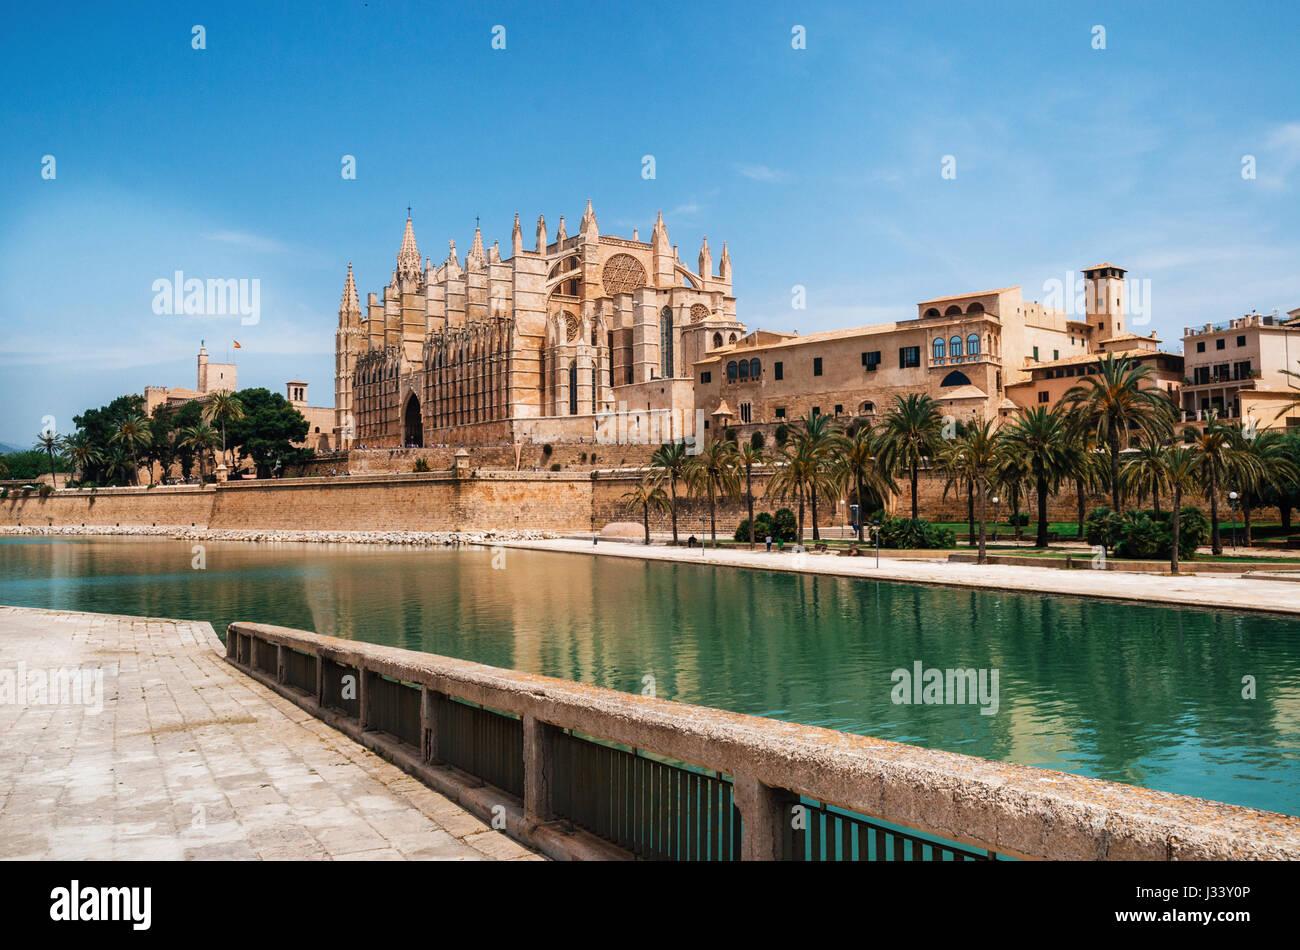 Park De La Mar gegen La Seu, die mittelalterliche gotische Kathedrale von Palma De Mallorca, Spanien. Die Kathedrale Stockbild